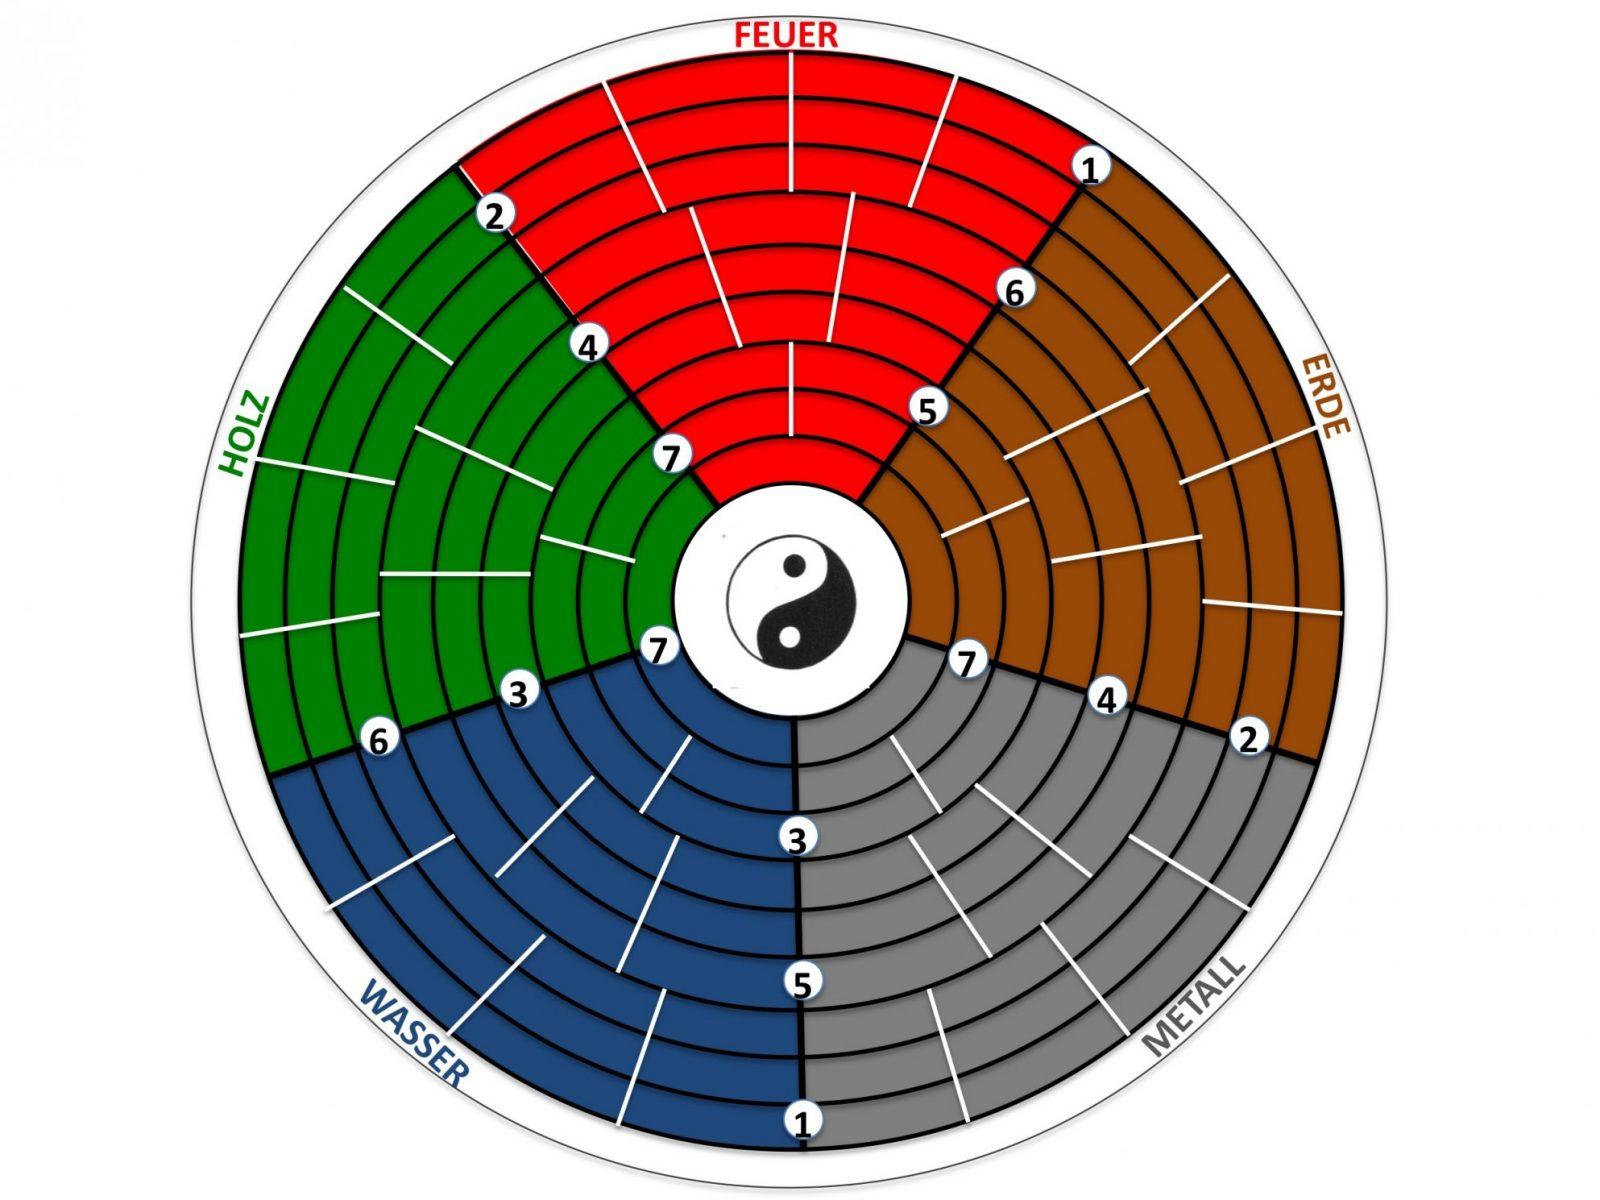 Feng Shui Es Ist Auch Nur Ein Spiel  Everyday Feng Shui von Feng Shui Kua Zahl Photo